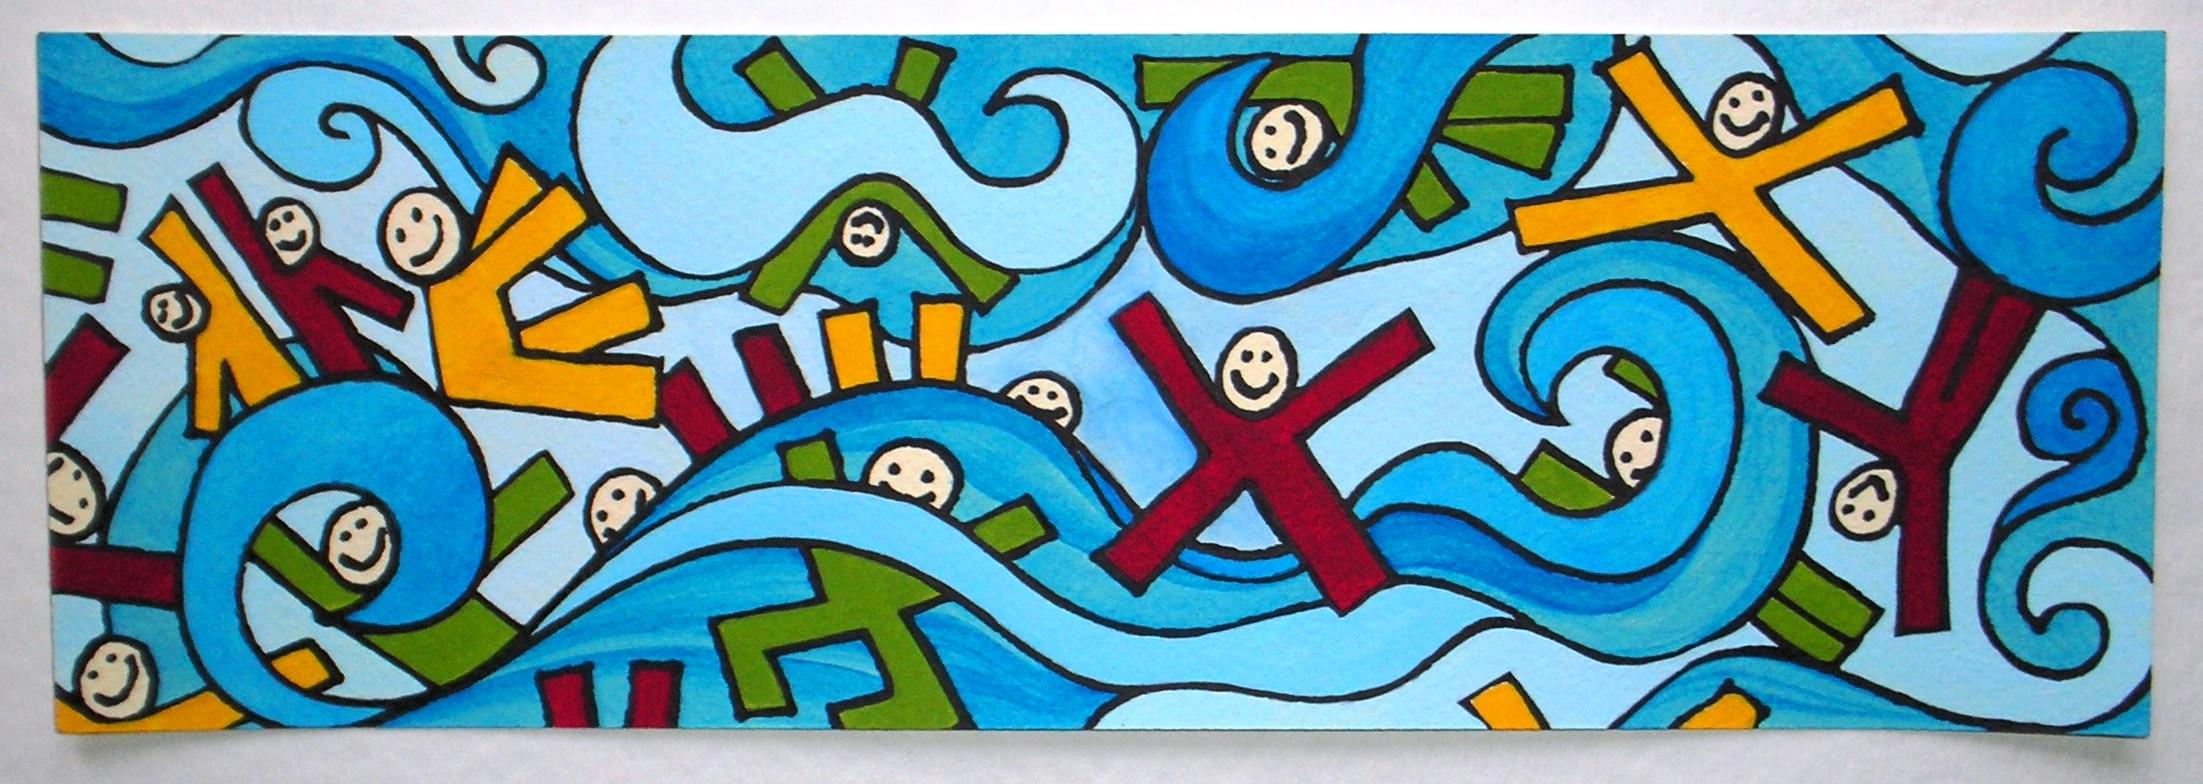 bambini fra le onde acrilico su carta cm 36x12